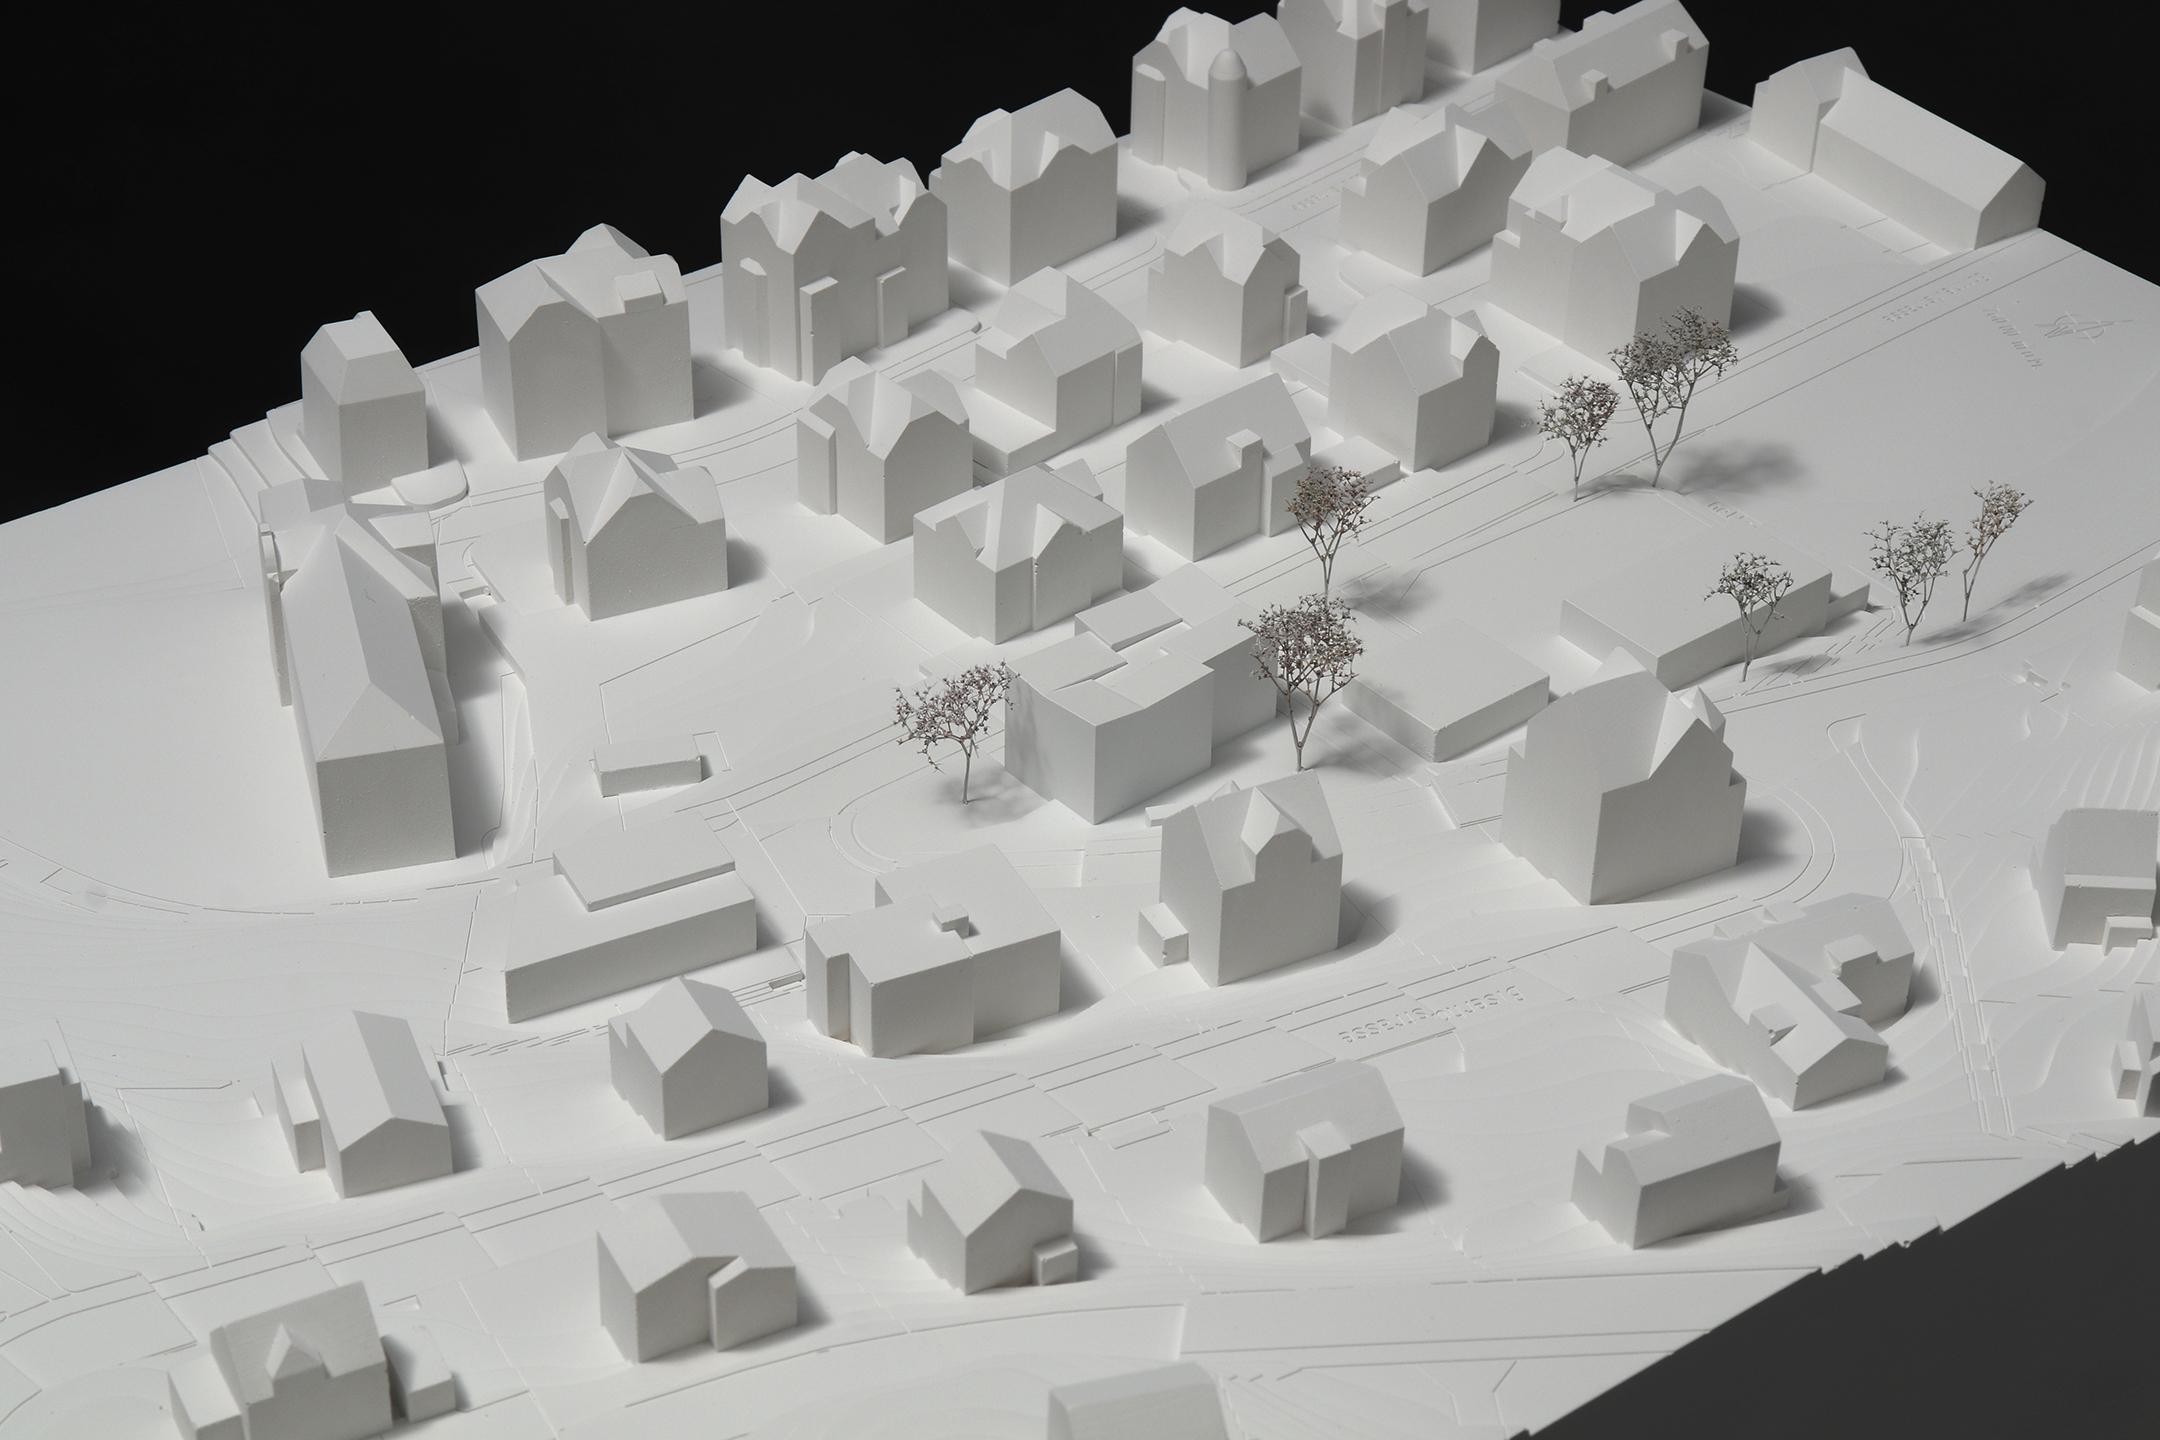 Pfister Klingenfuss Architekten AG, Wettbewerb, Tagesbetreuung Hebel, Modell 2